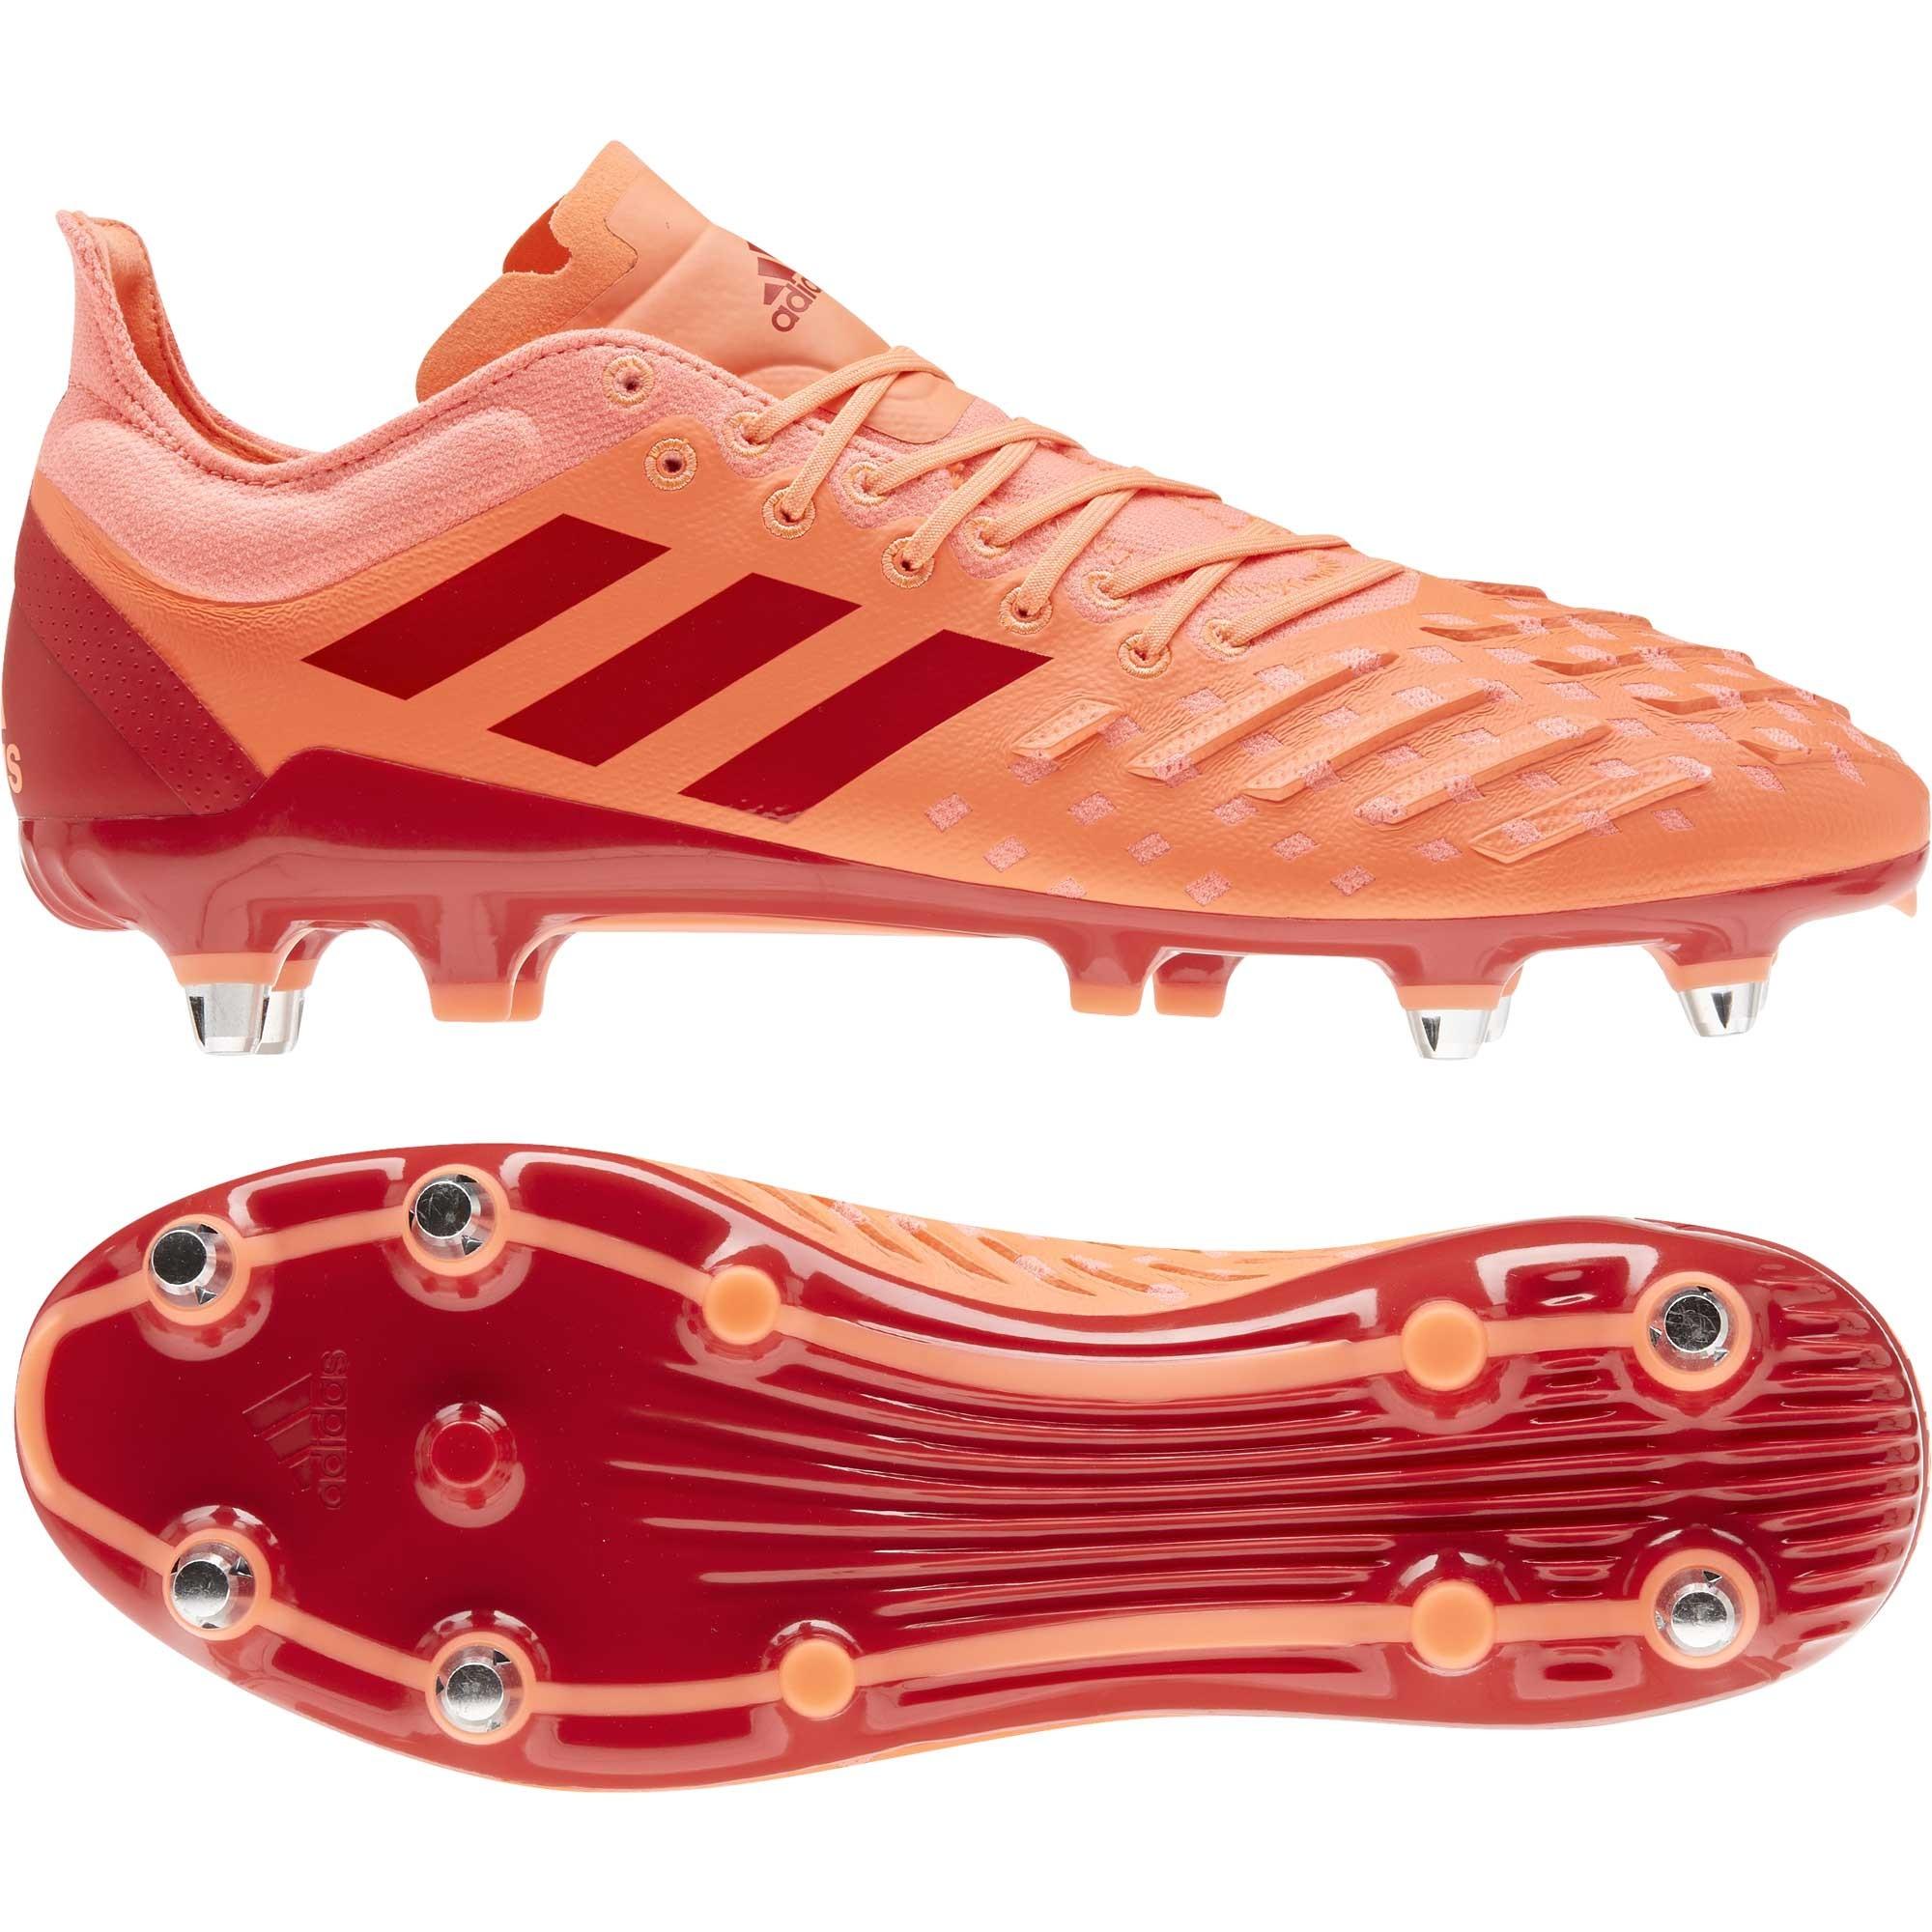 Chaussures Rugby Predator XP Terrain gras adidas